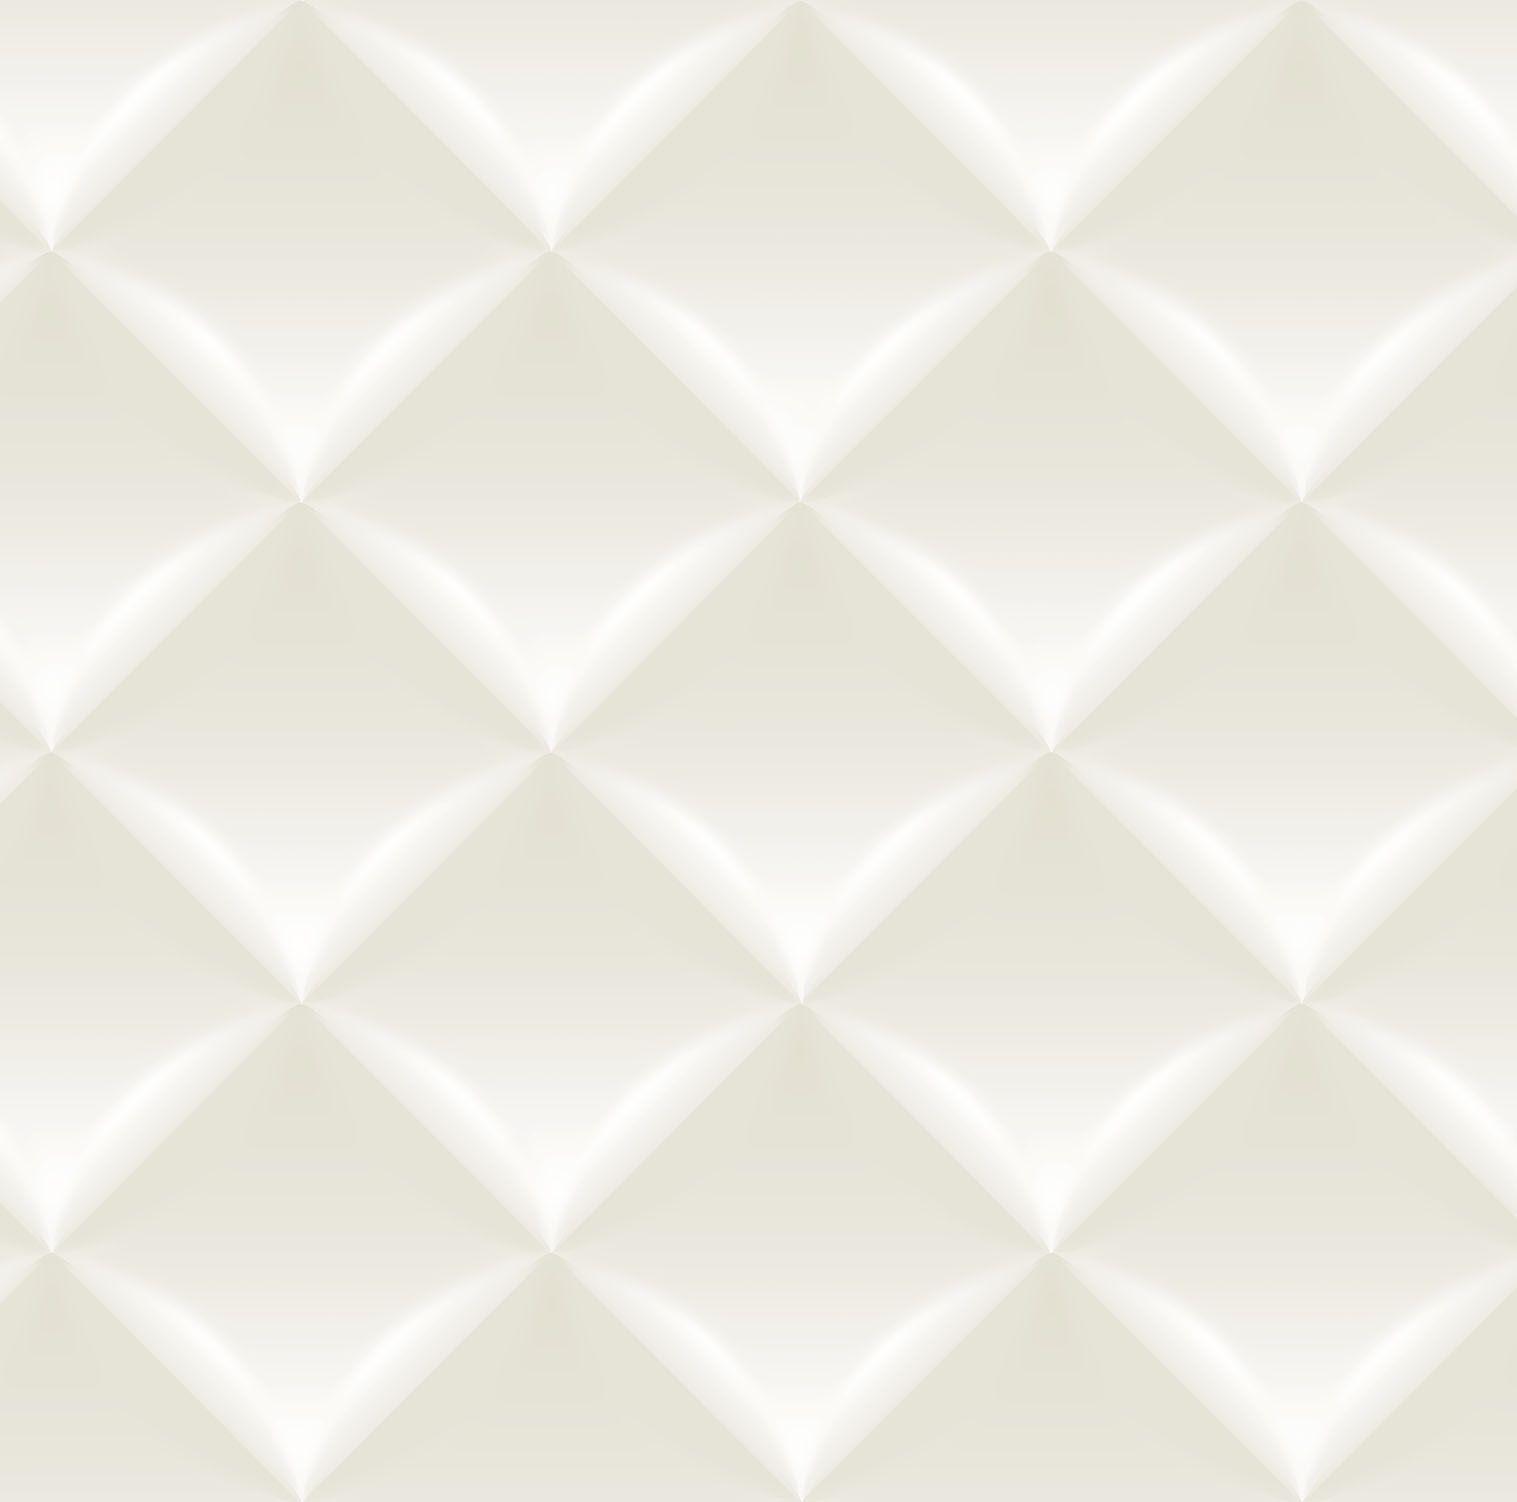 Papel de parede Bobinex Vinílico Coleção Dimensões Geométrico 3D Almofada Bege, Marfim